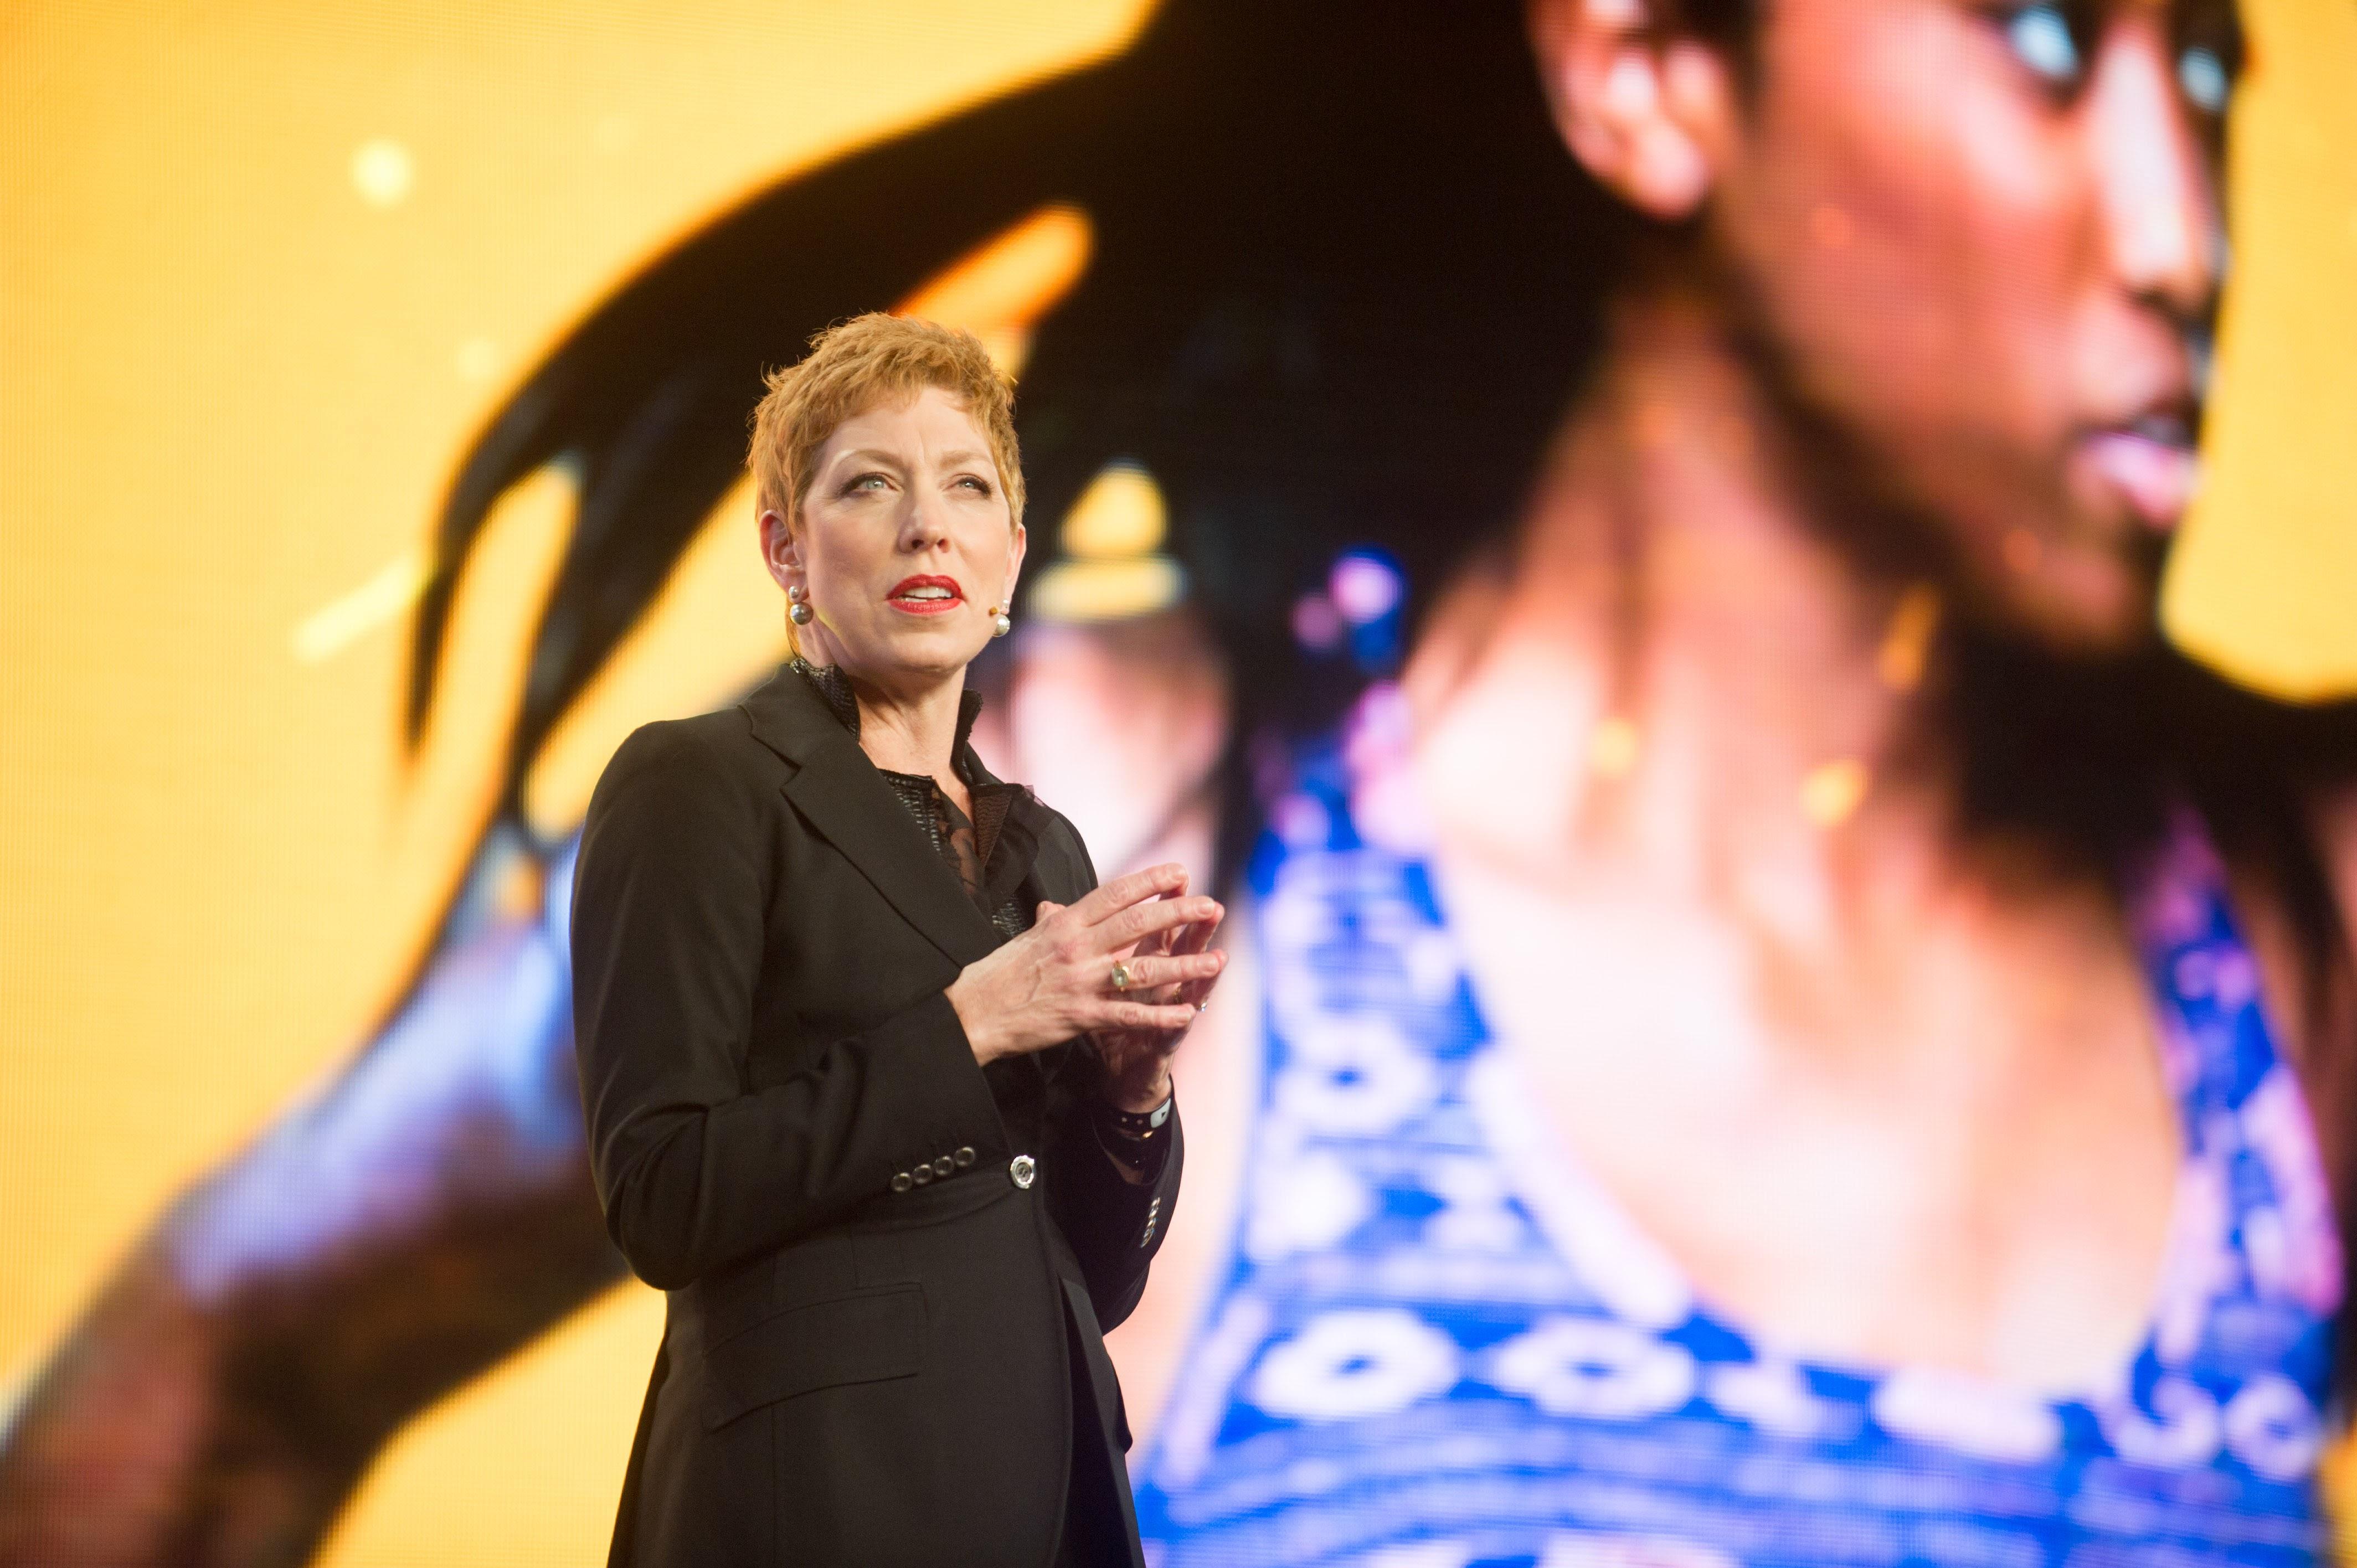 Eileen Naughton